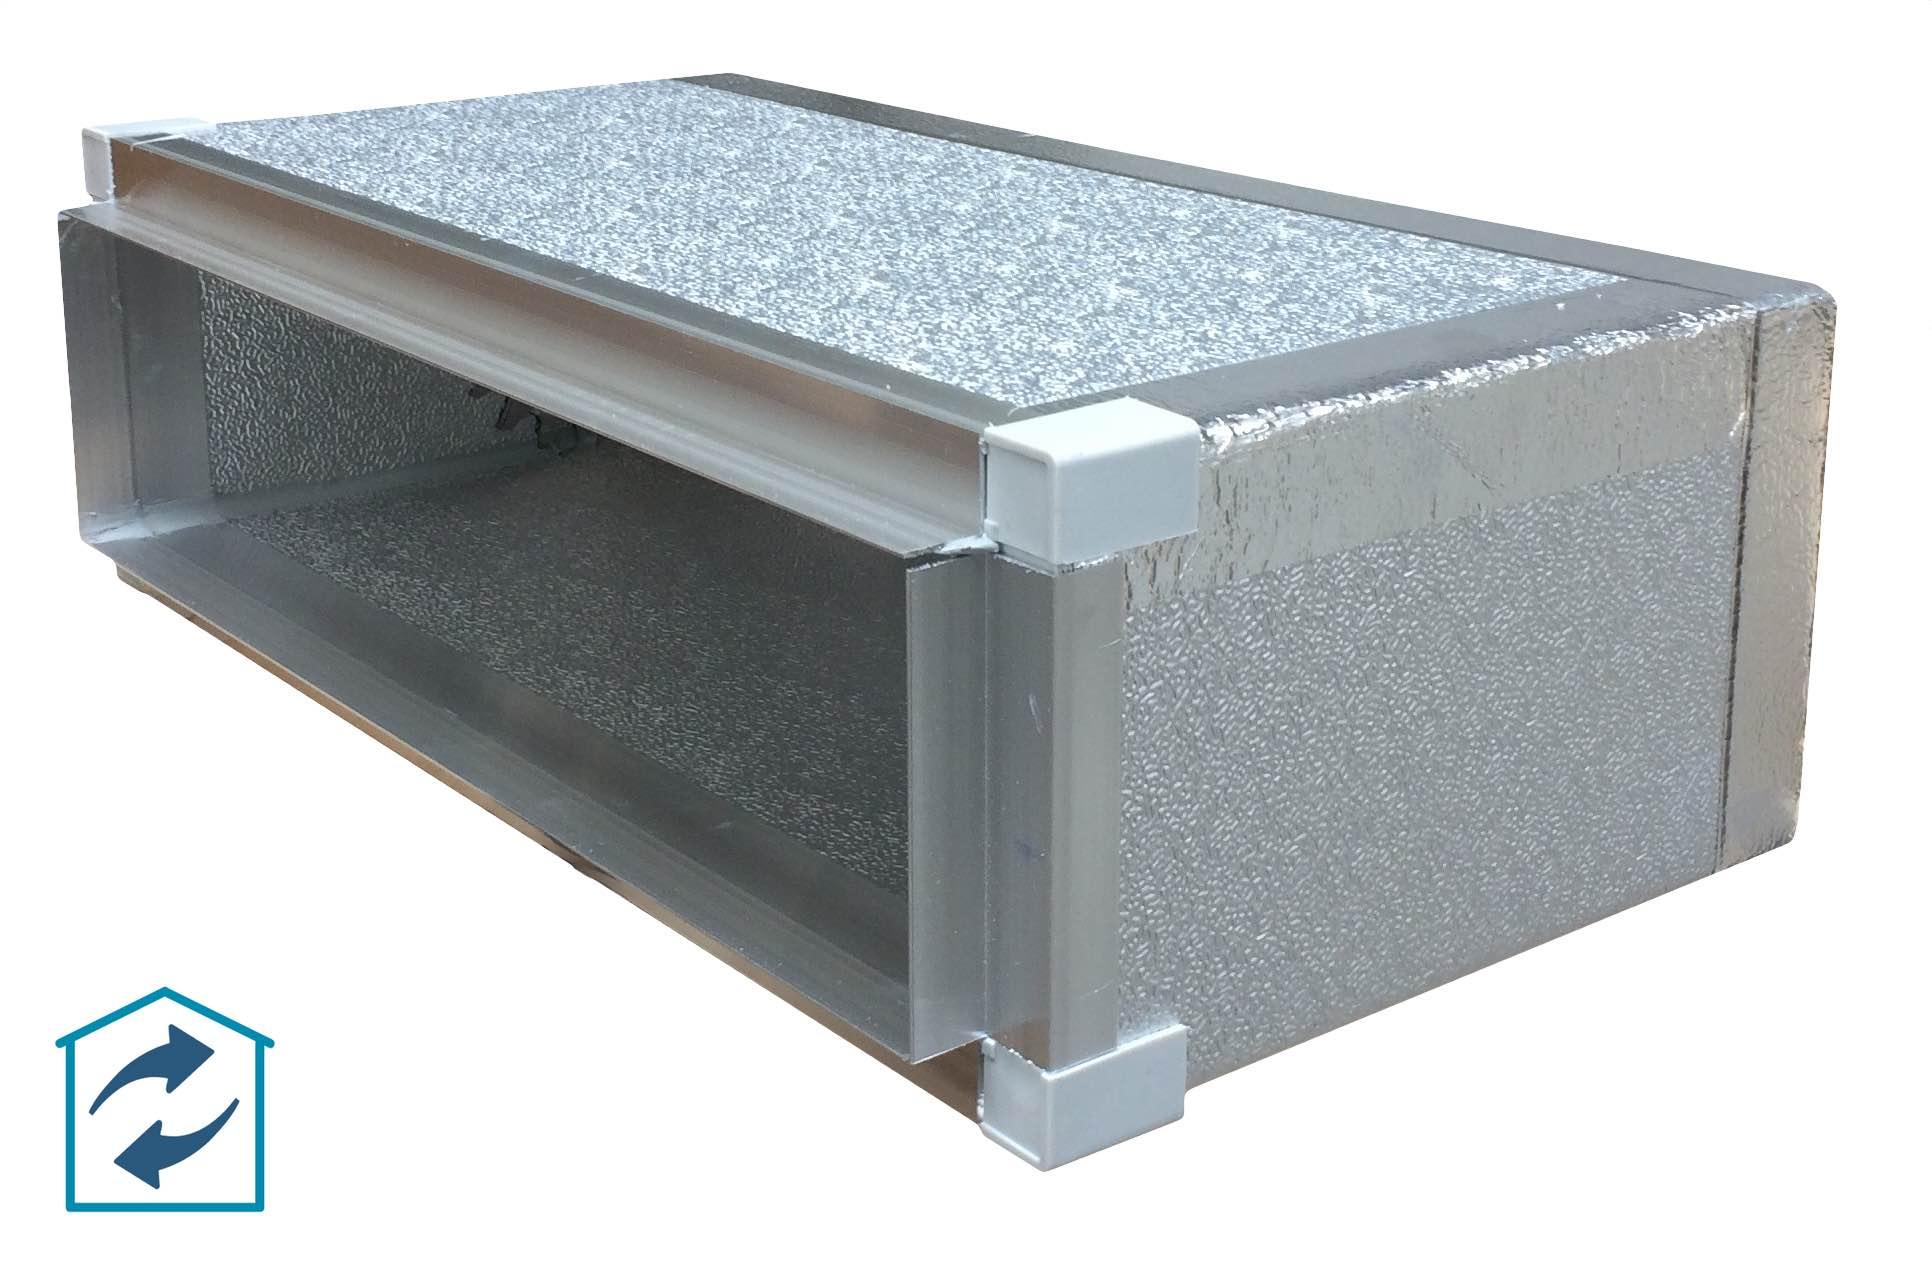 Aria Condizionata Canalizzata plenum climatizzatore canalizzato aria su misura | arieggiare | specialisti  in qualità dell'aria